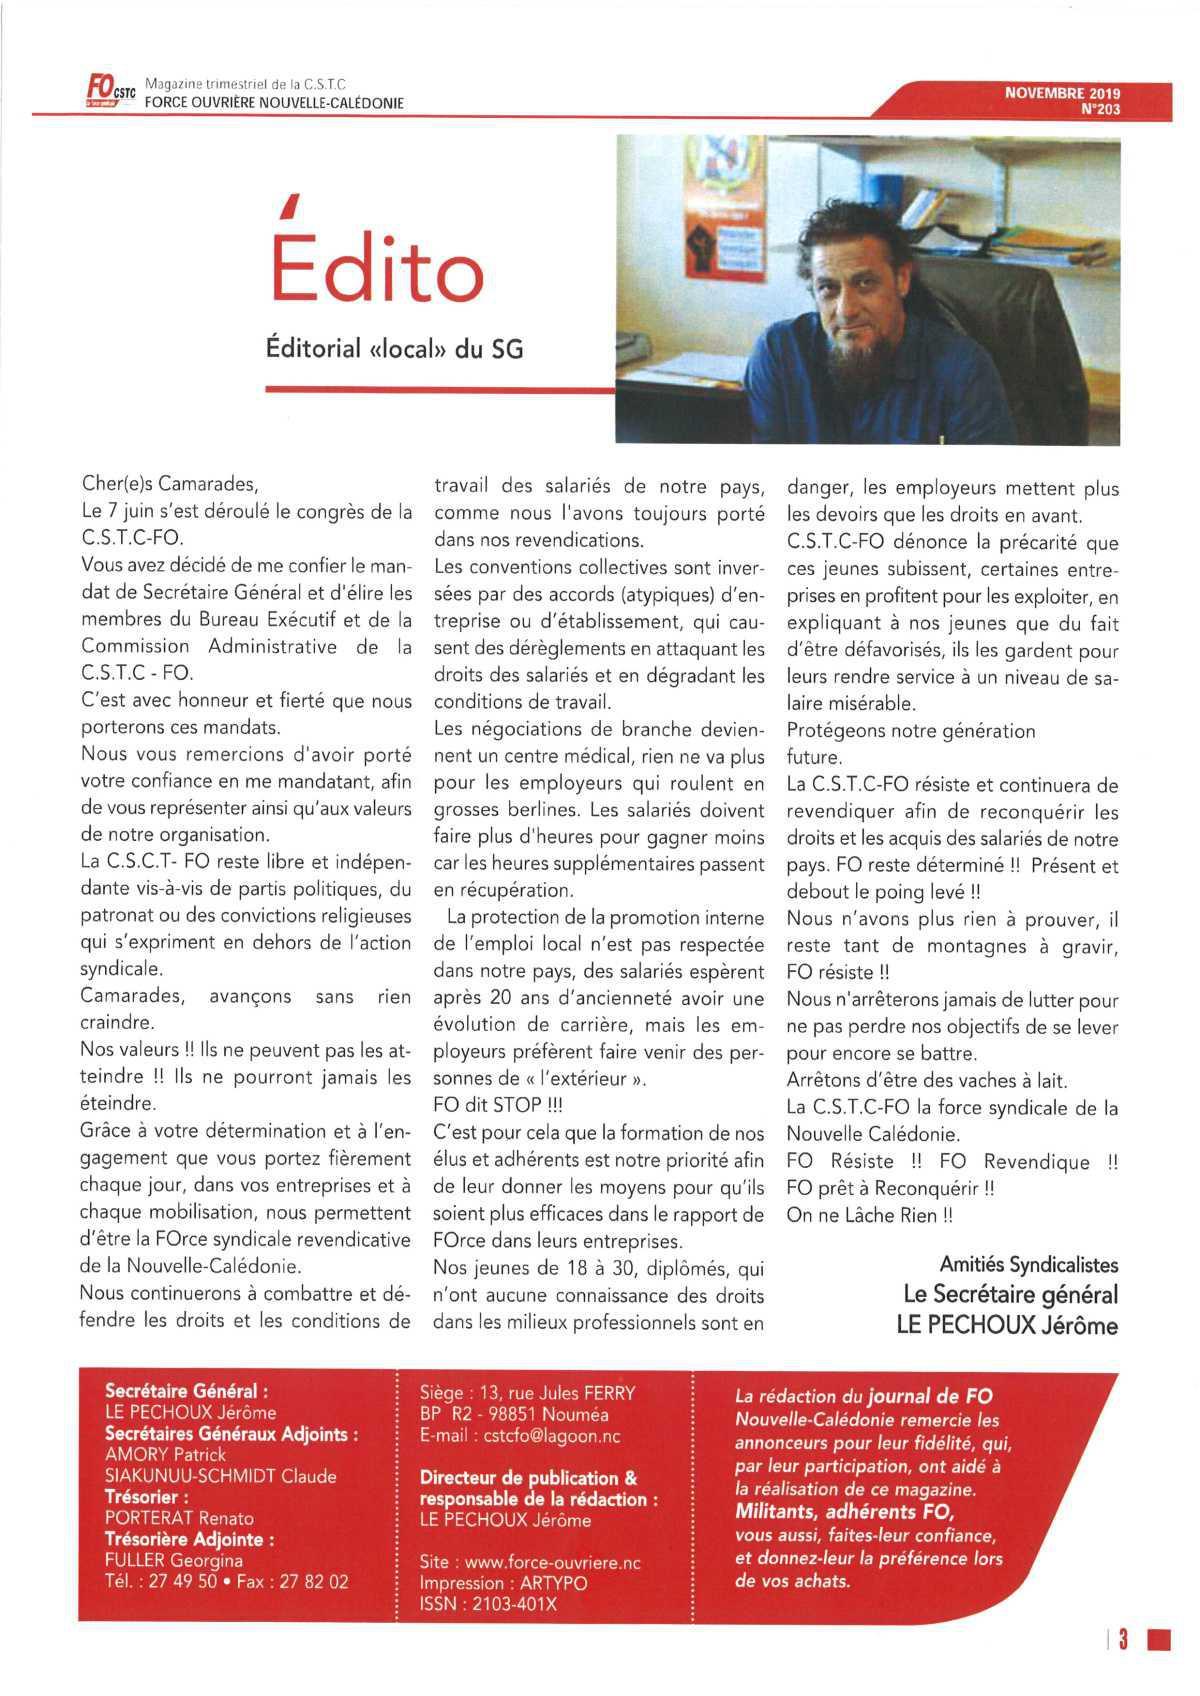 L'Edito LS 203